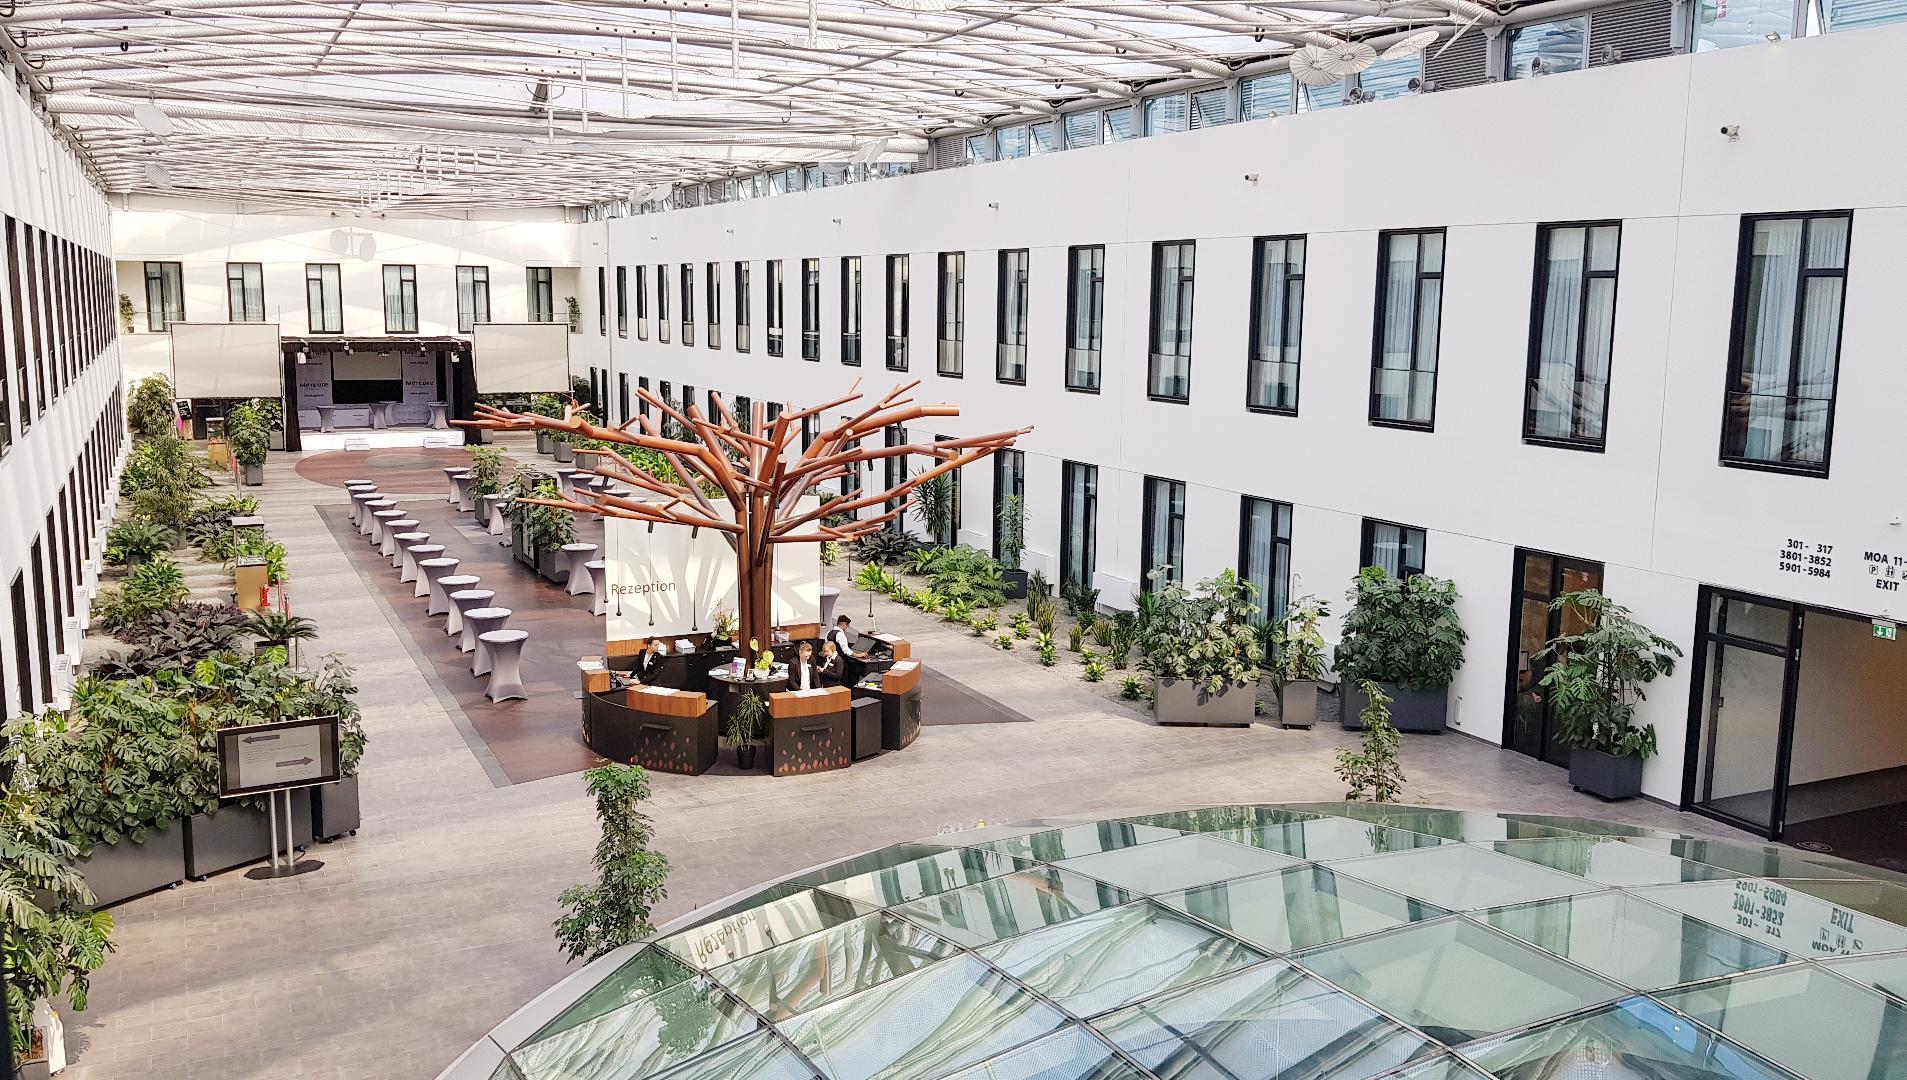 Bild 1 von Mercure Hotel MOA Berlin